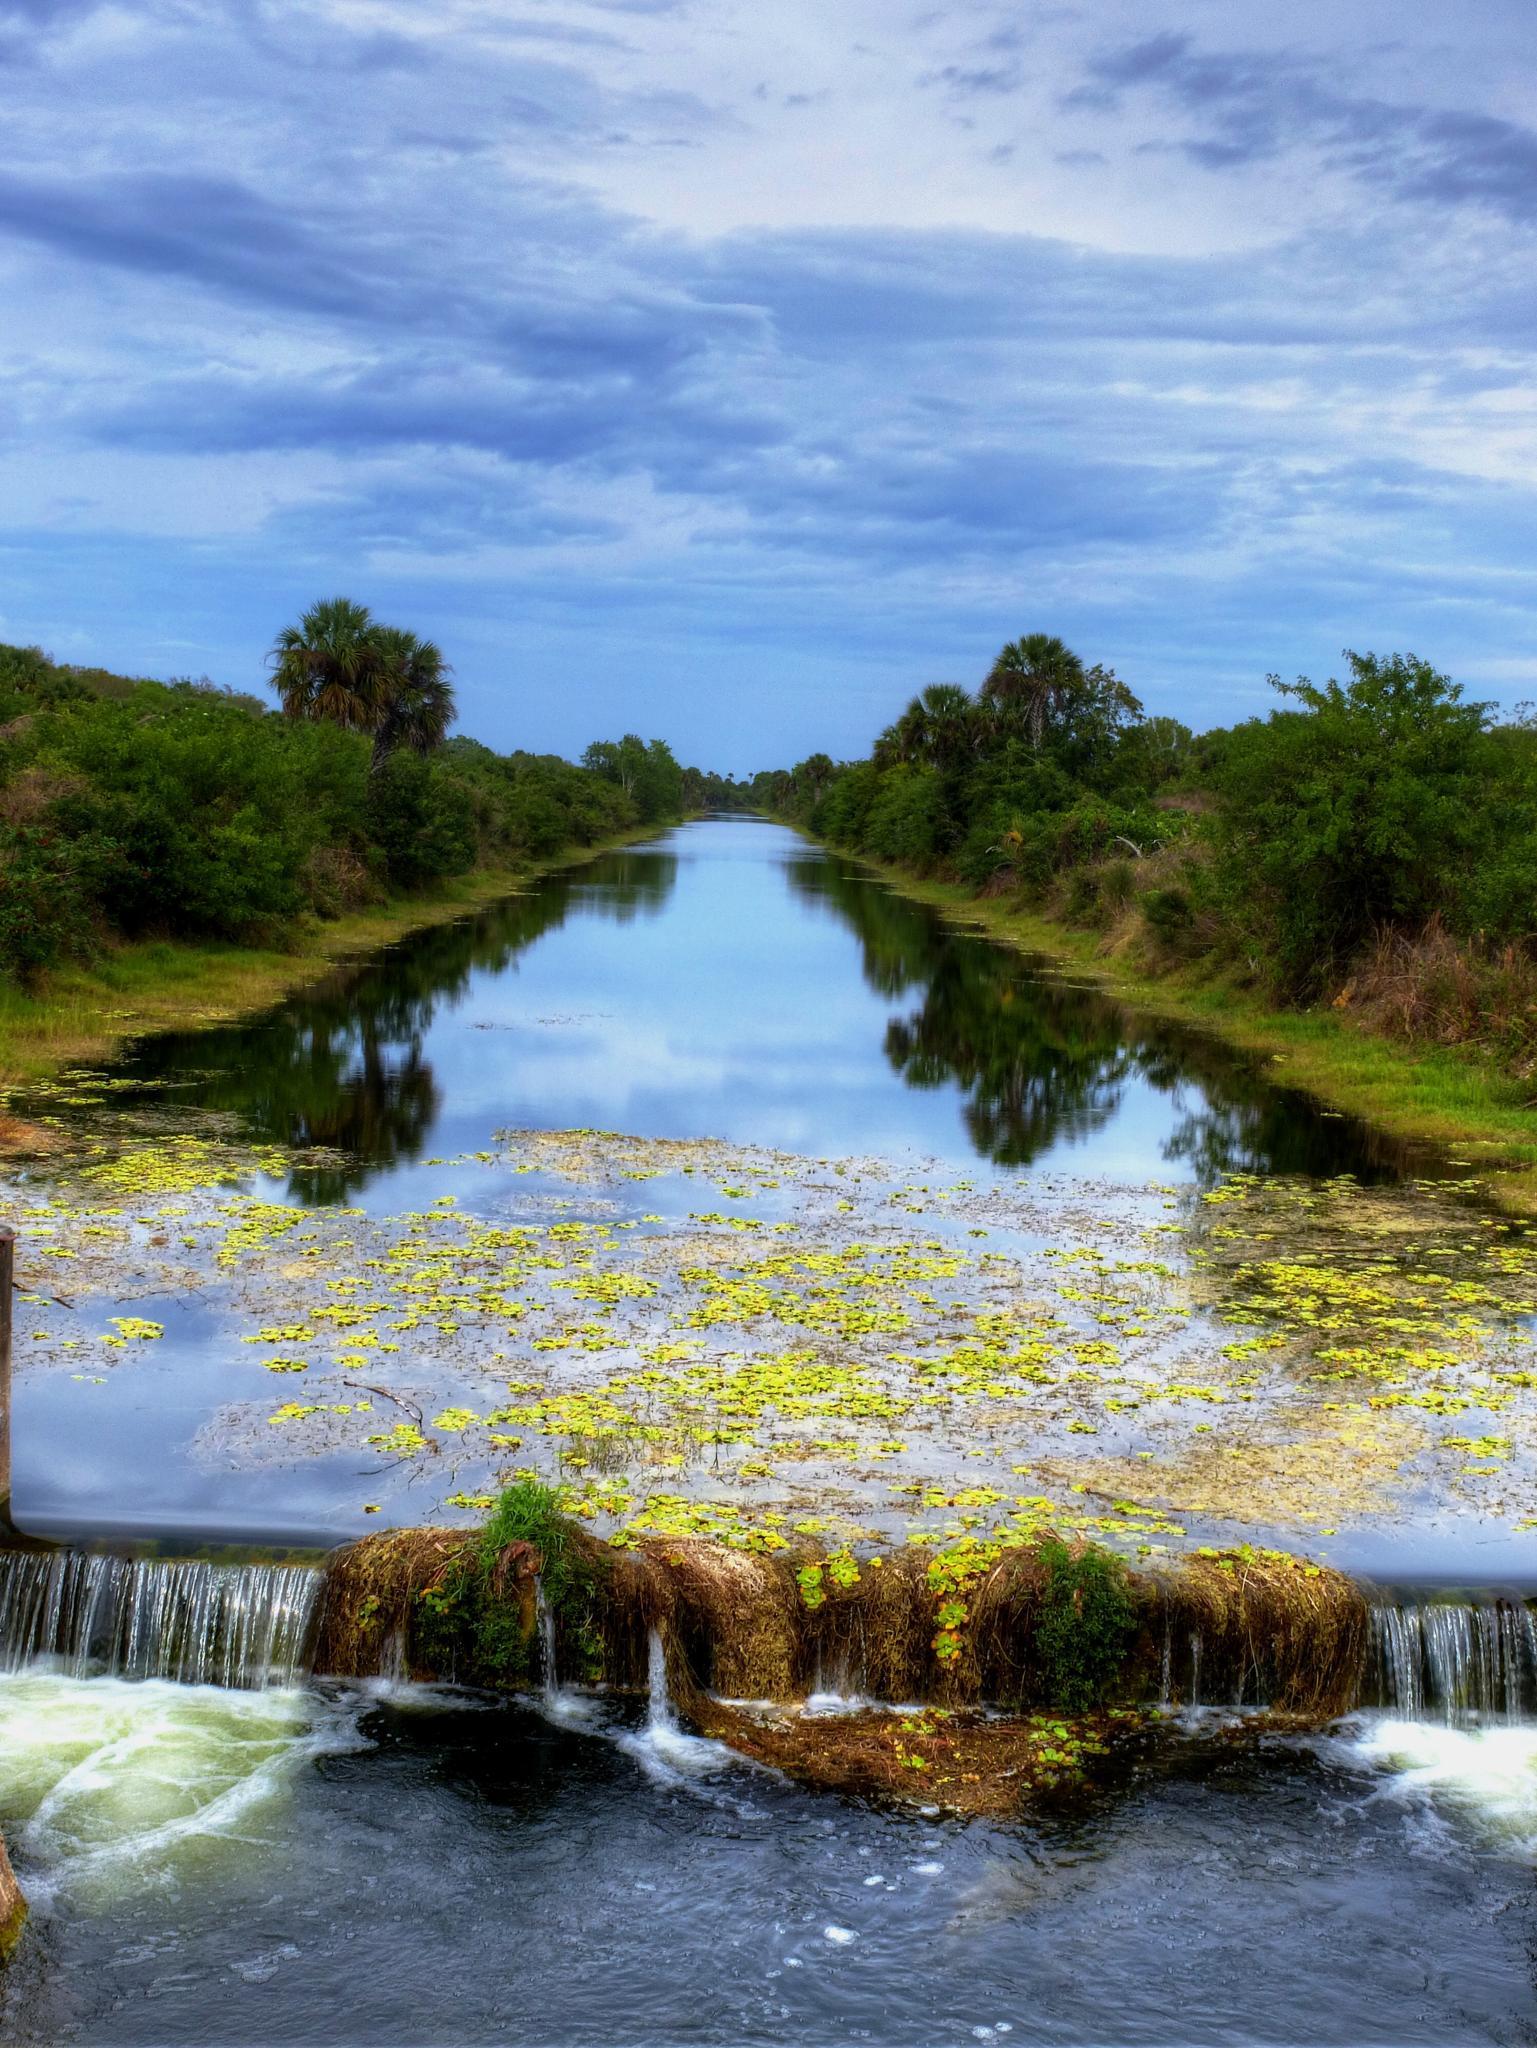 Irrigation lock, Frakahatchee Strand, FL by downwindpassage